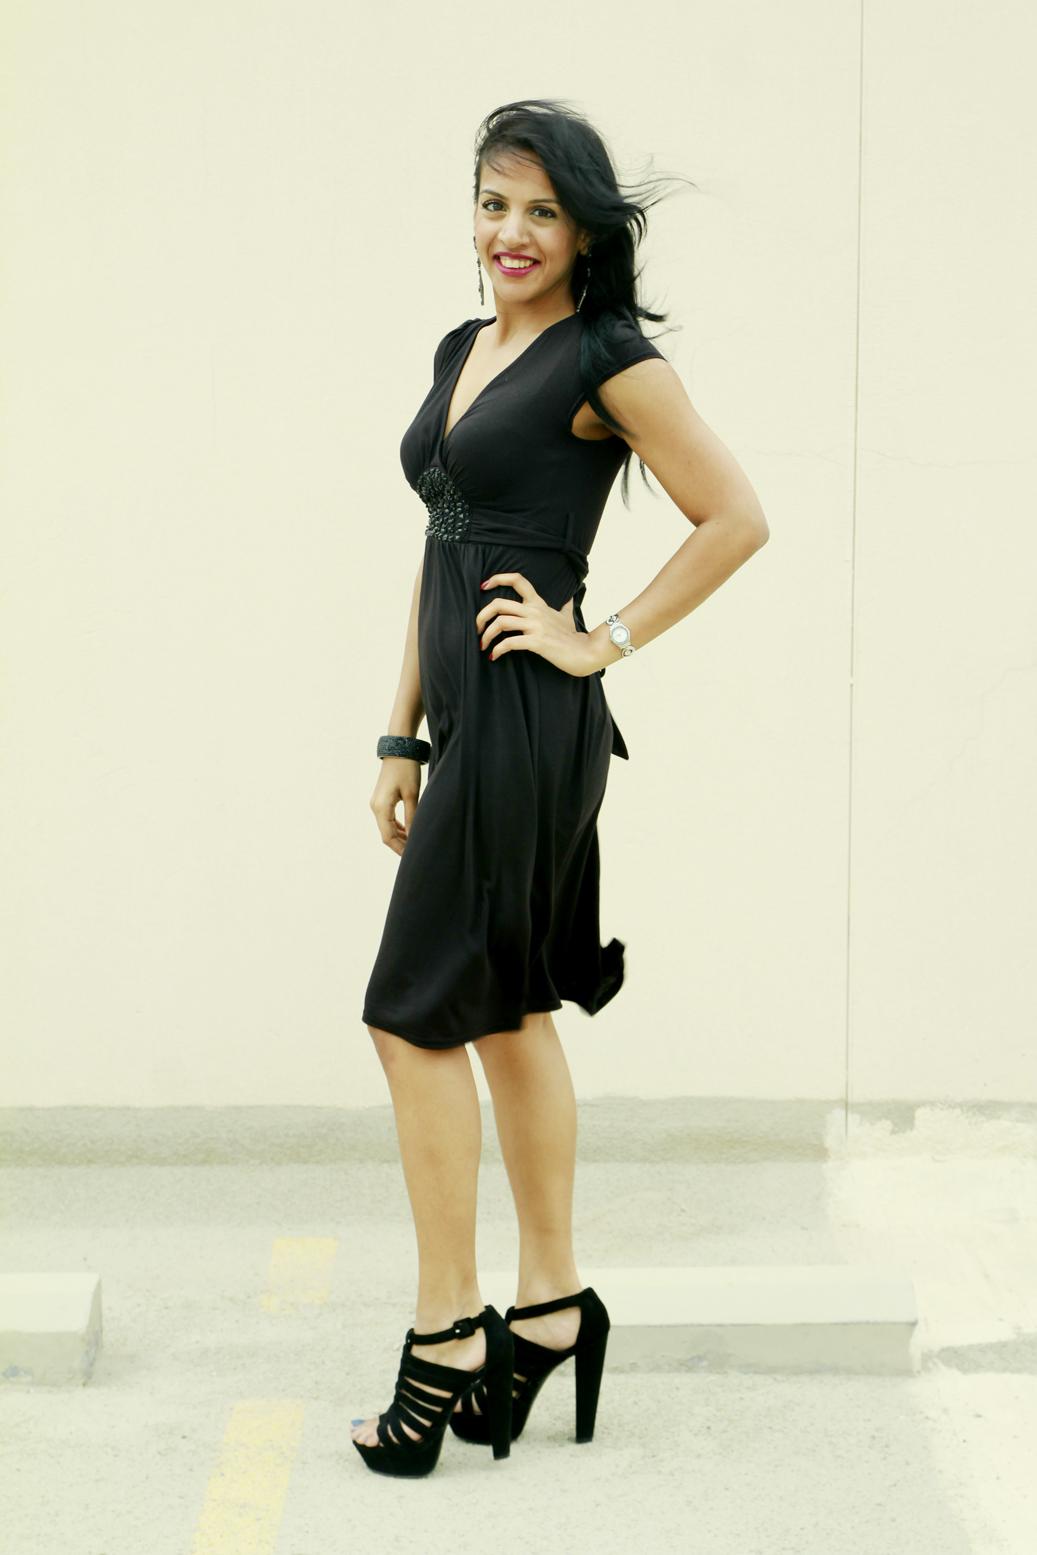 Little black dress где купить купить минеральные пигменты для косметики